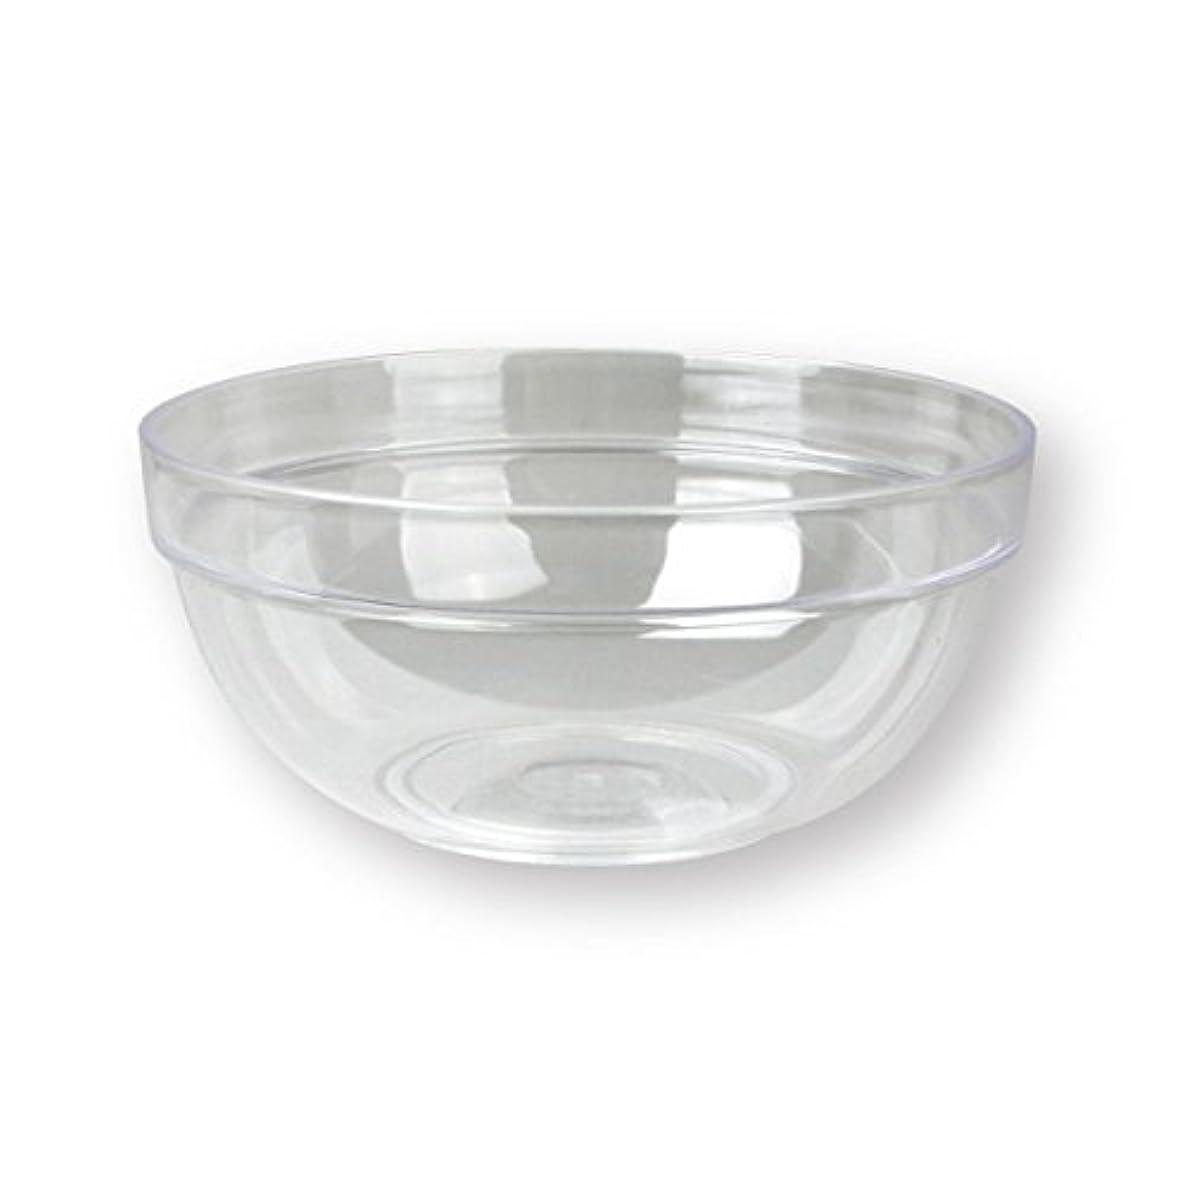 かもしれない修士号初期の4個セットプラスチックボール プラスチック ボウル カップクリア 直径20cm